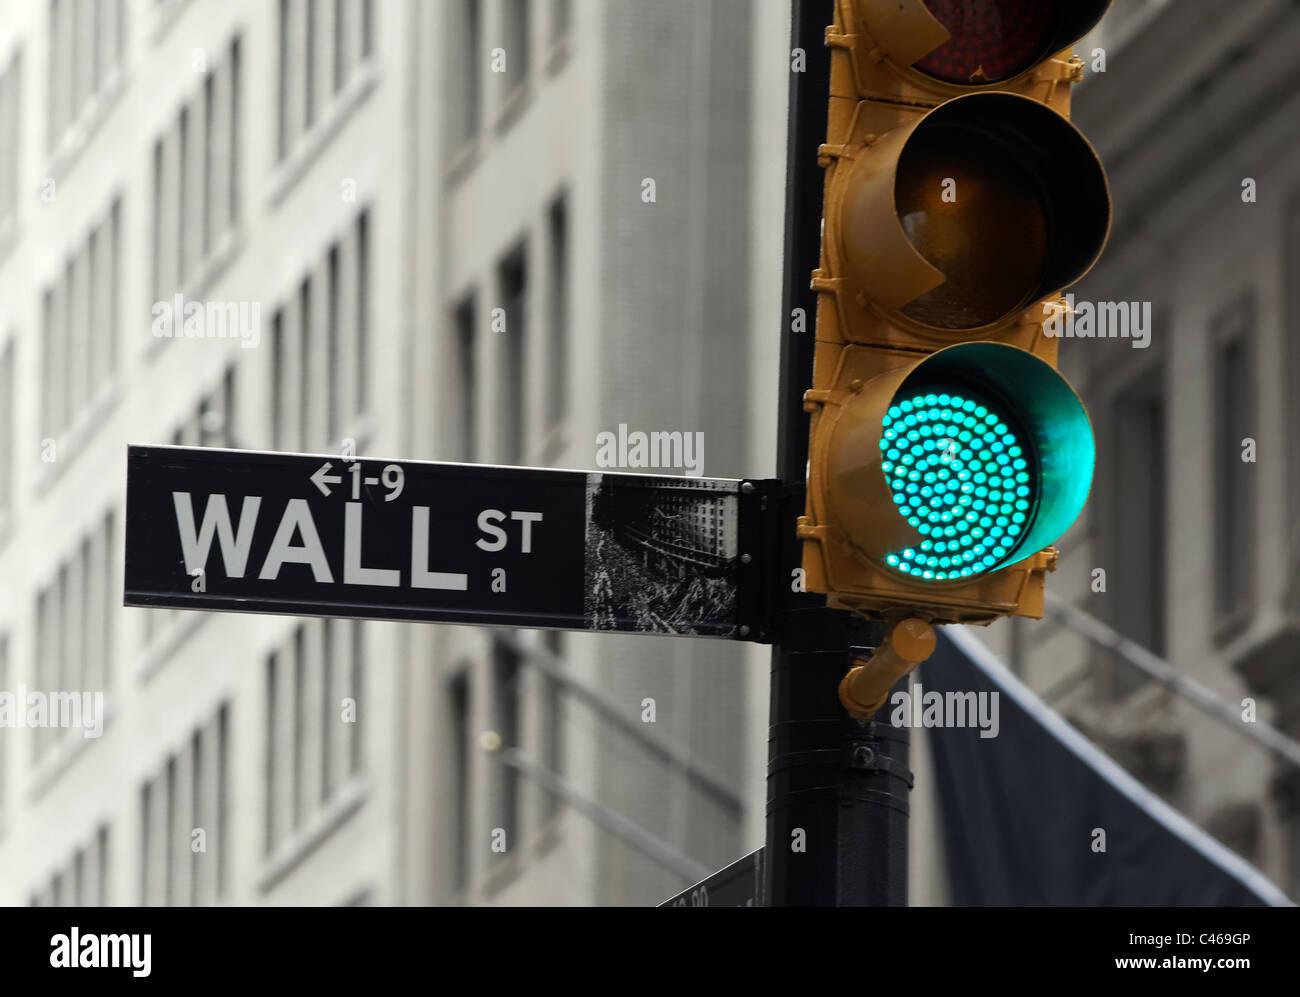 La région de Wall Street à New York City's financial district abrite la Bourse de New York. Photo Stock